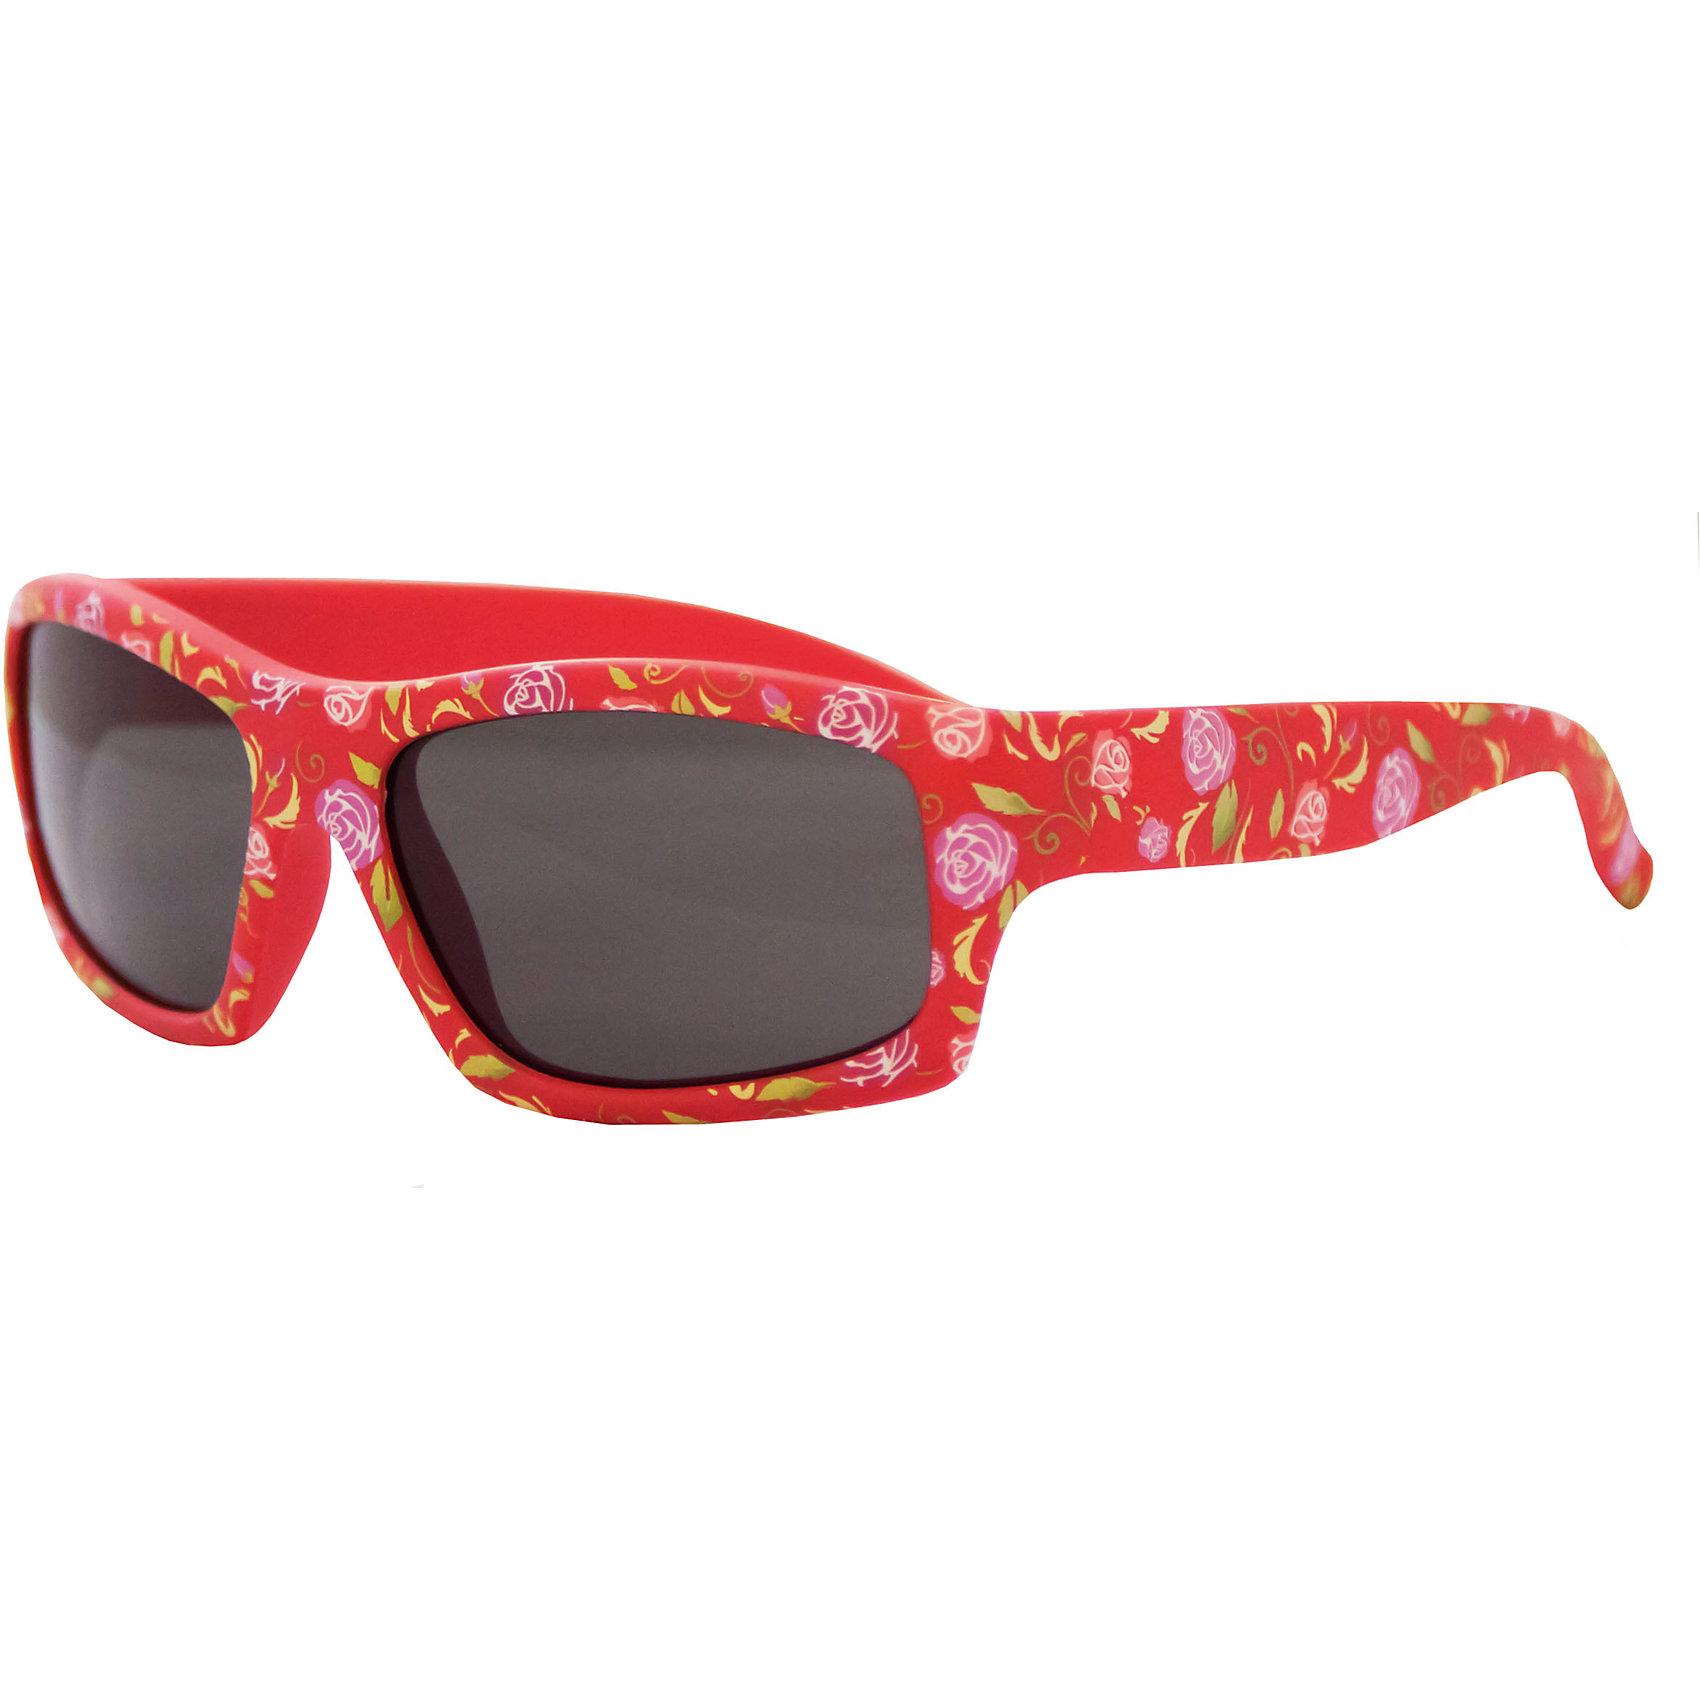 Солнцезащитные очки CaramellaКрасные солнцезащитные очки «Caramella» с розами – это ультрамодный и полезный аксессуар для маленькой модницы. Их пластиковые линзы надежно защищают глаза от коварных ультрафиолетовых лучей, особенно опасных для детских нежных хрусталиков. Удобные дужки комфортно прилегают к голове и почти не ощущаются. Аксессуар изготовлен из пластика, расстояние между дужками на внутренней части очков – 110 мм. Товар произведен в Тайване. Имеется сертификат качества и протокол испытания линз.<br><br>Ширина мм: 170<br>Глубина мм: 157<br>Высота мм: 67<br>Вес г: 117<br>Возраст от месяцев: 36<br>Возраст до месяцев: 2147483647<br>Пол: Женский<br>Возраст: Детский<br>SKU: 4738342